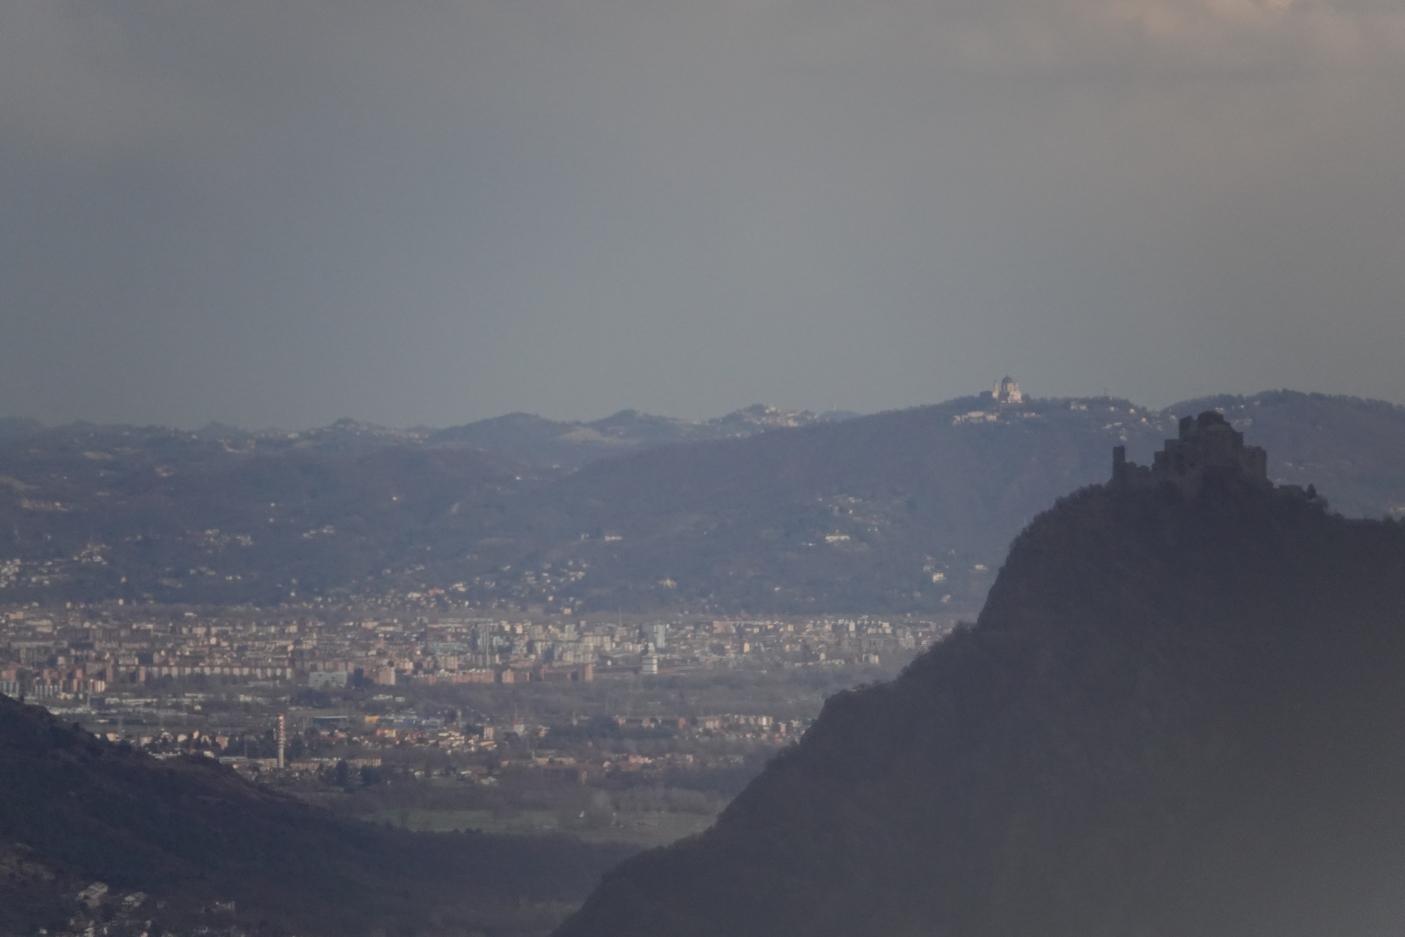 Sacra di San Michele, Superga e colline di Torino  | Foto L. Giunti